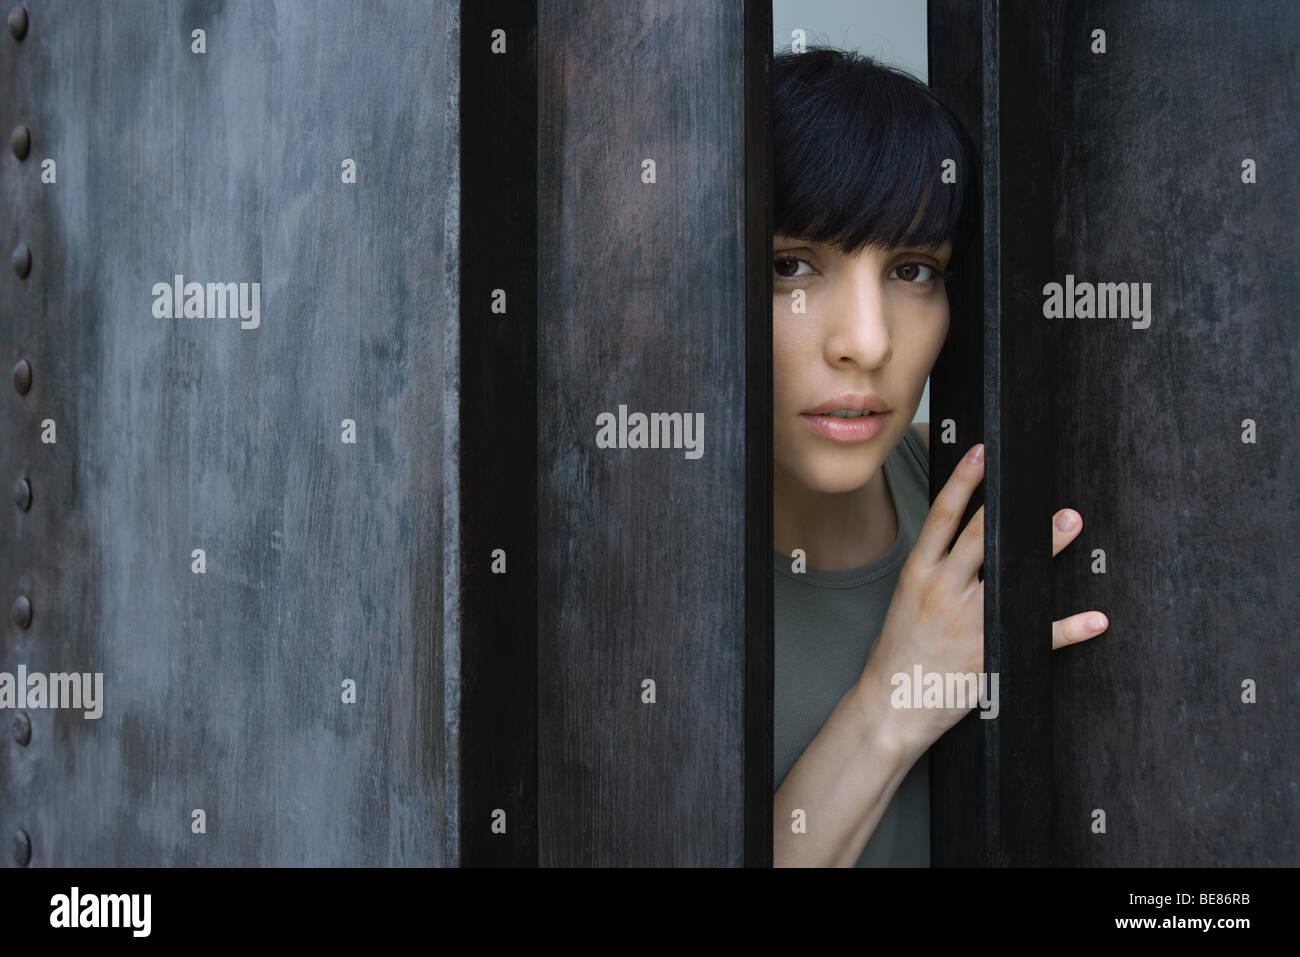 Mujer, abrir la puerta, mirando a la cámara Imagen De Stock